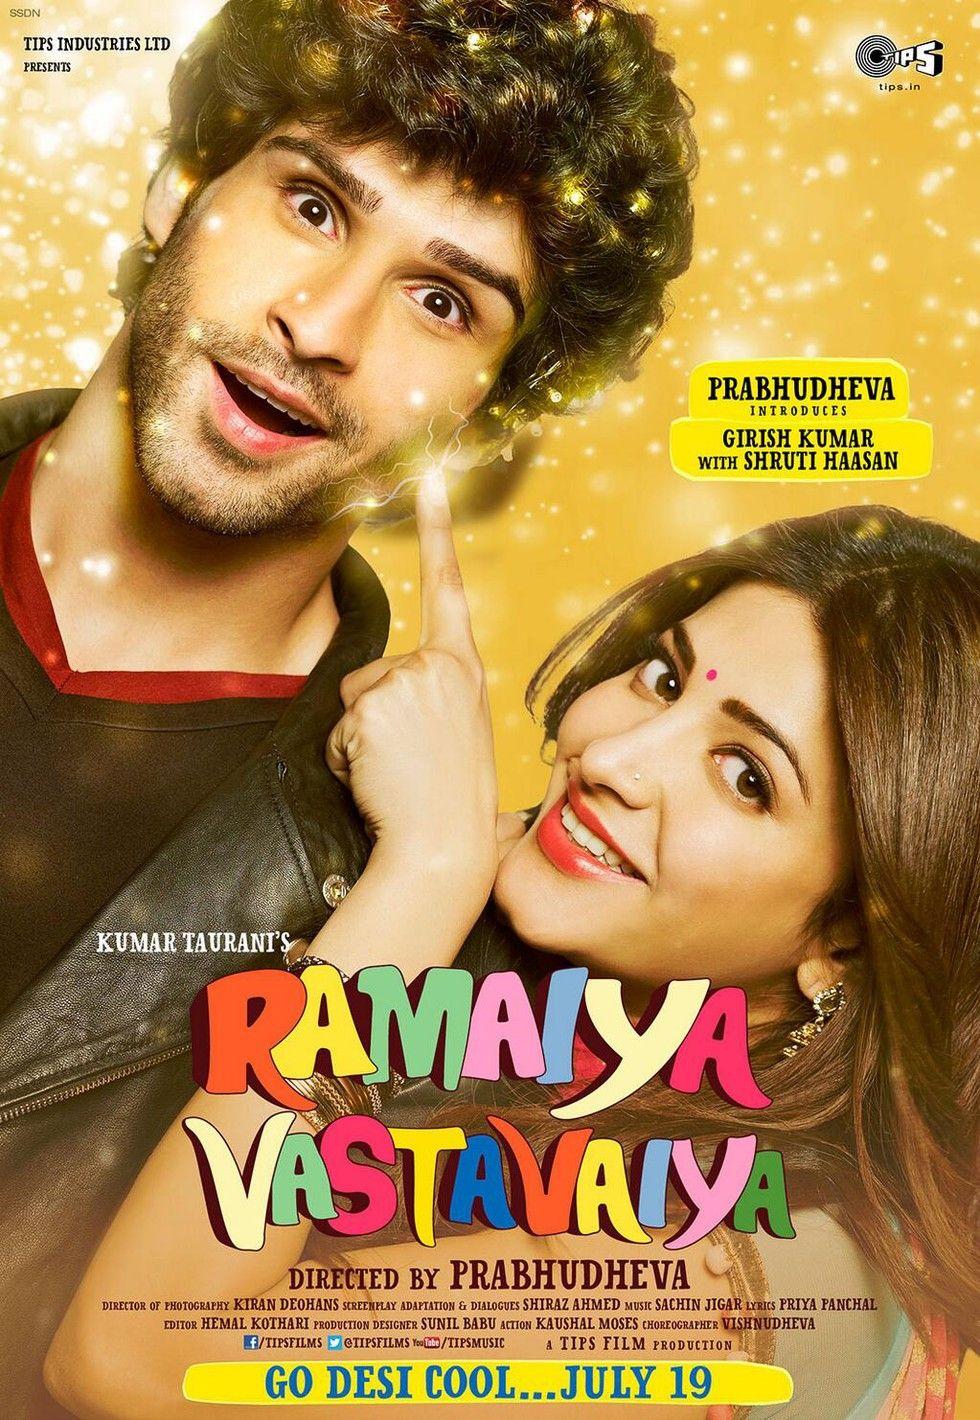 Ramaiya Vastavaiya Movie Poster 14 Bollywood, Film, Müzik